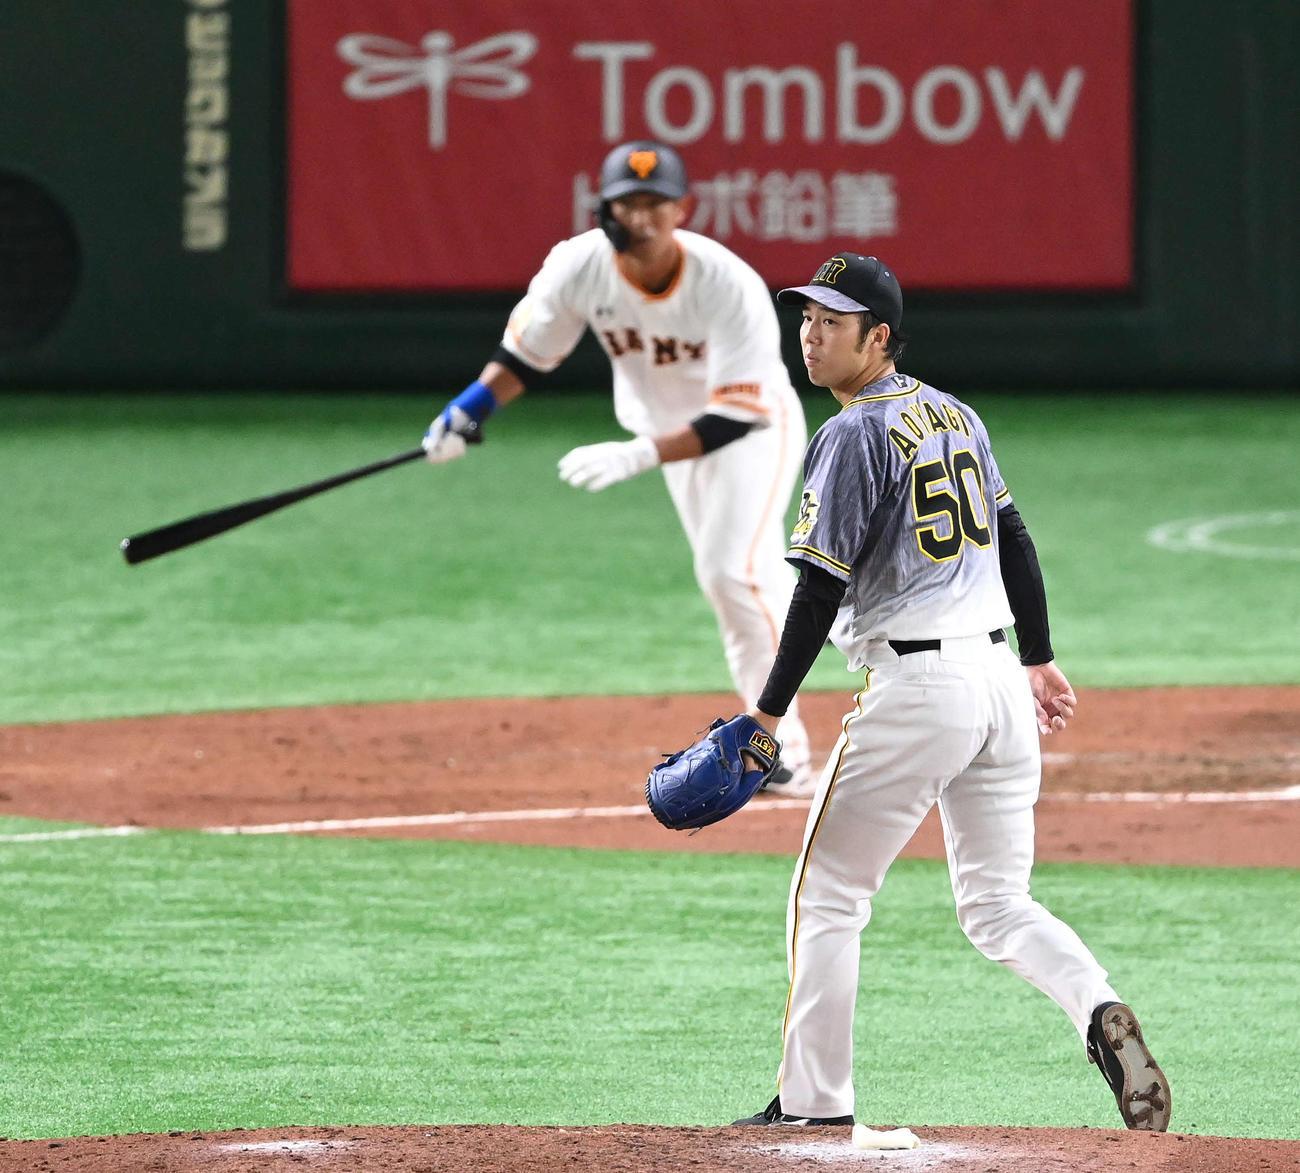 巨人対阪神 4回裏巨人1死二塁、立岡に右前適時打を浴びる青柳(撮影・鈴木みどり)